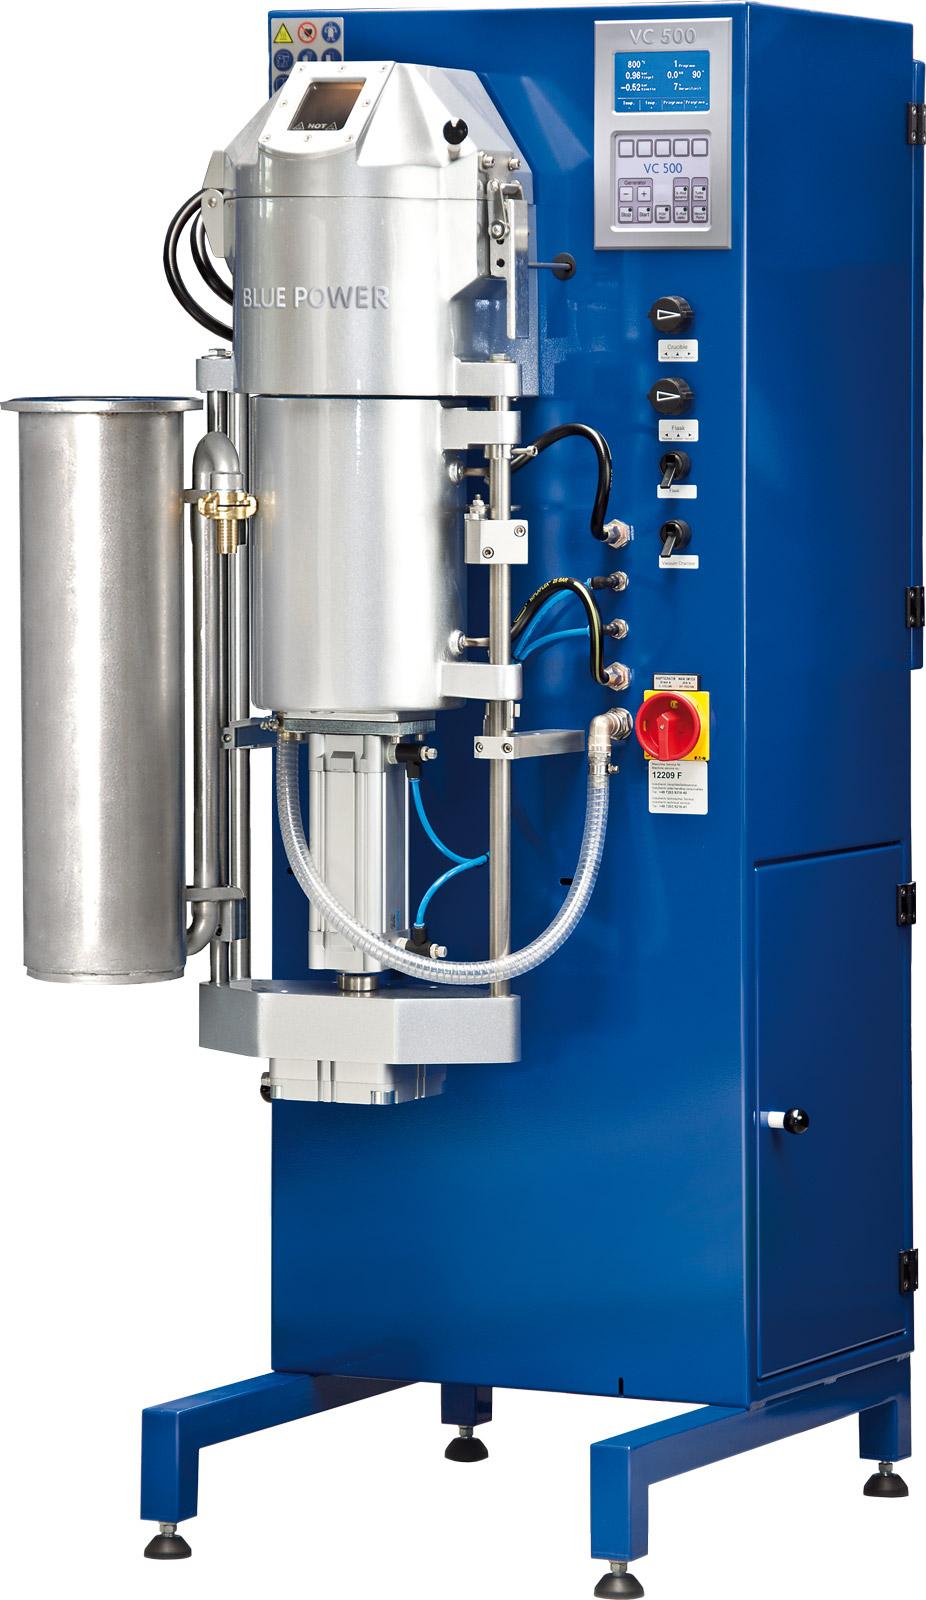 VC 500 Vakuum-Druck-Gießanlage